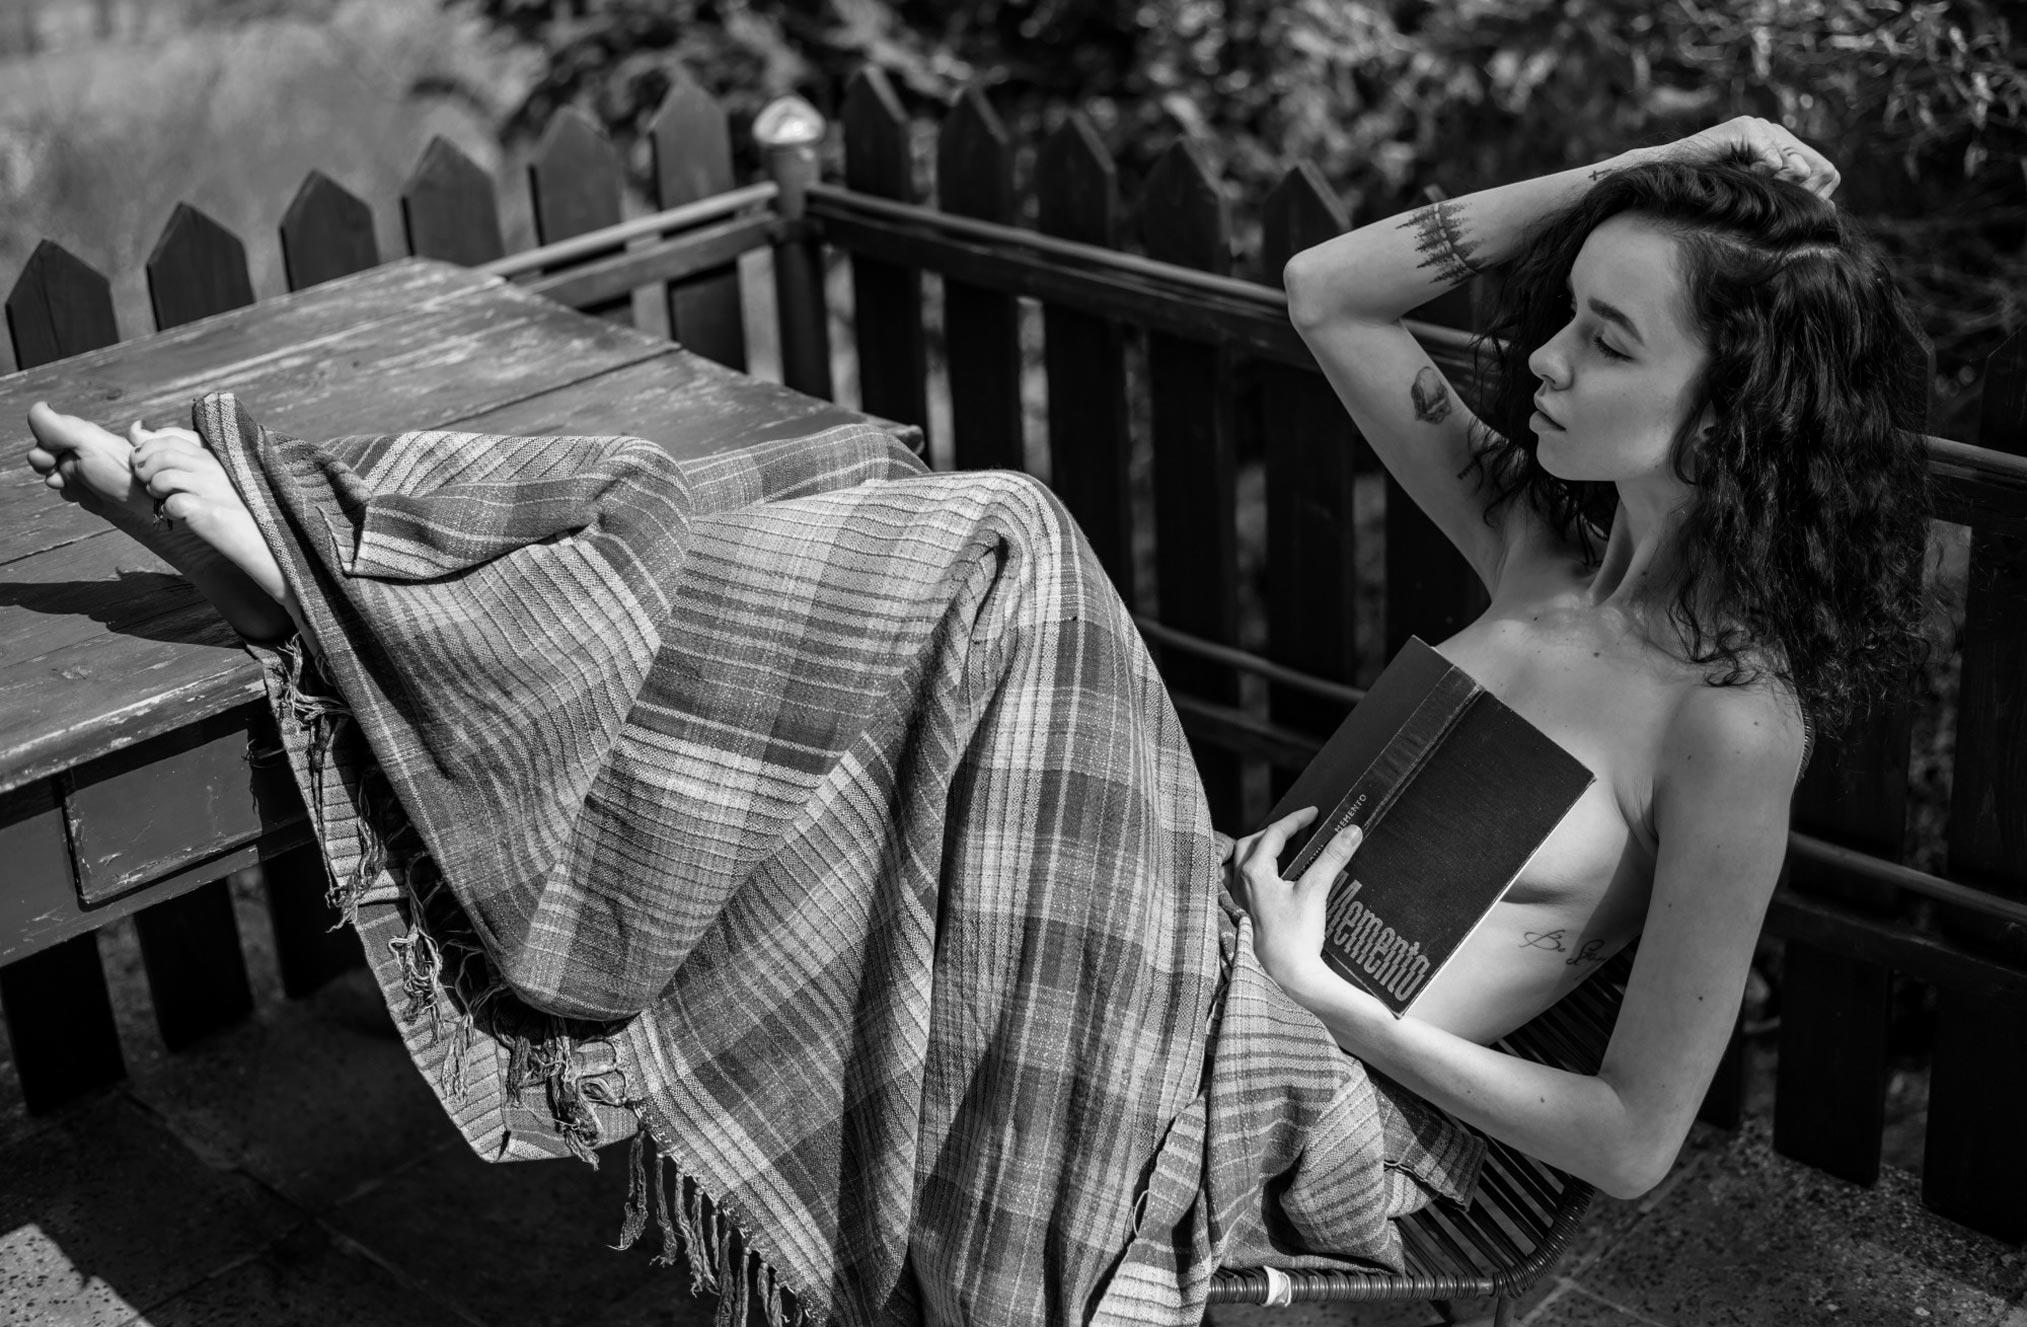 Катя на даче - читает книгу Memento и играет в бадминтон / фото 01